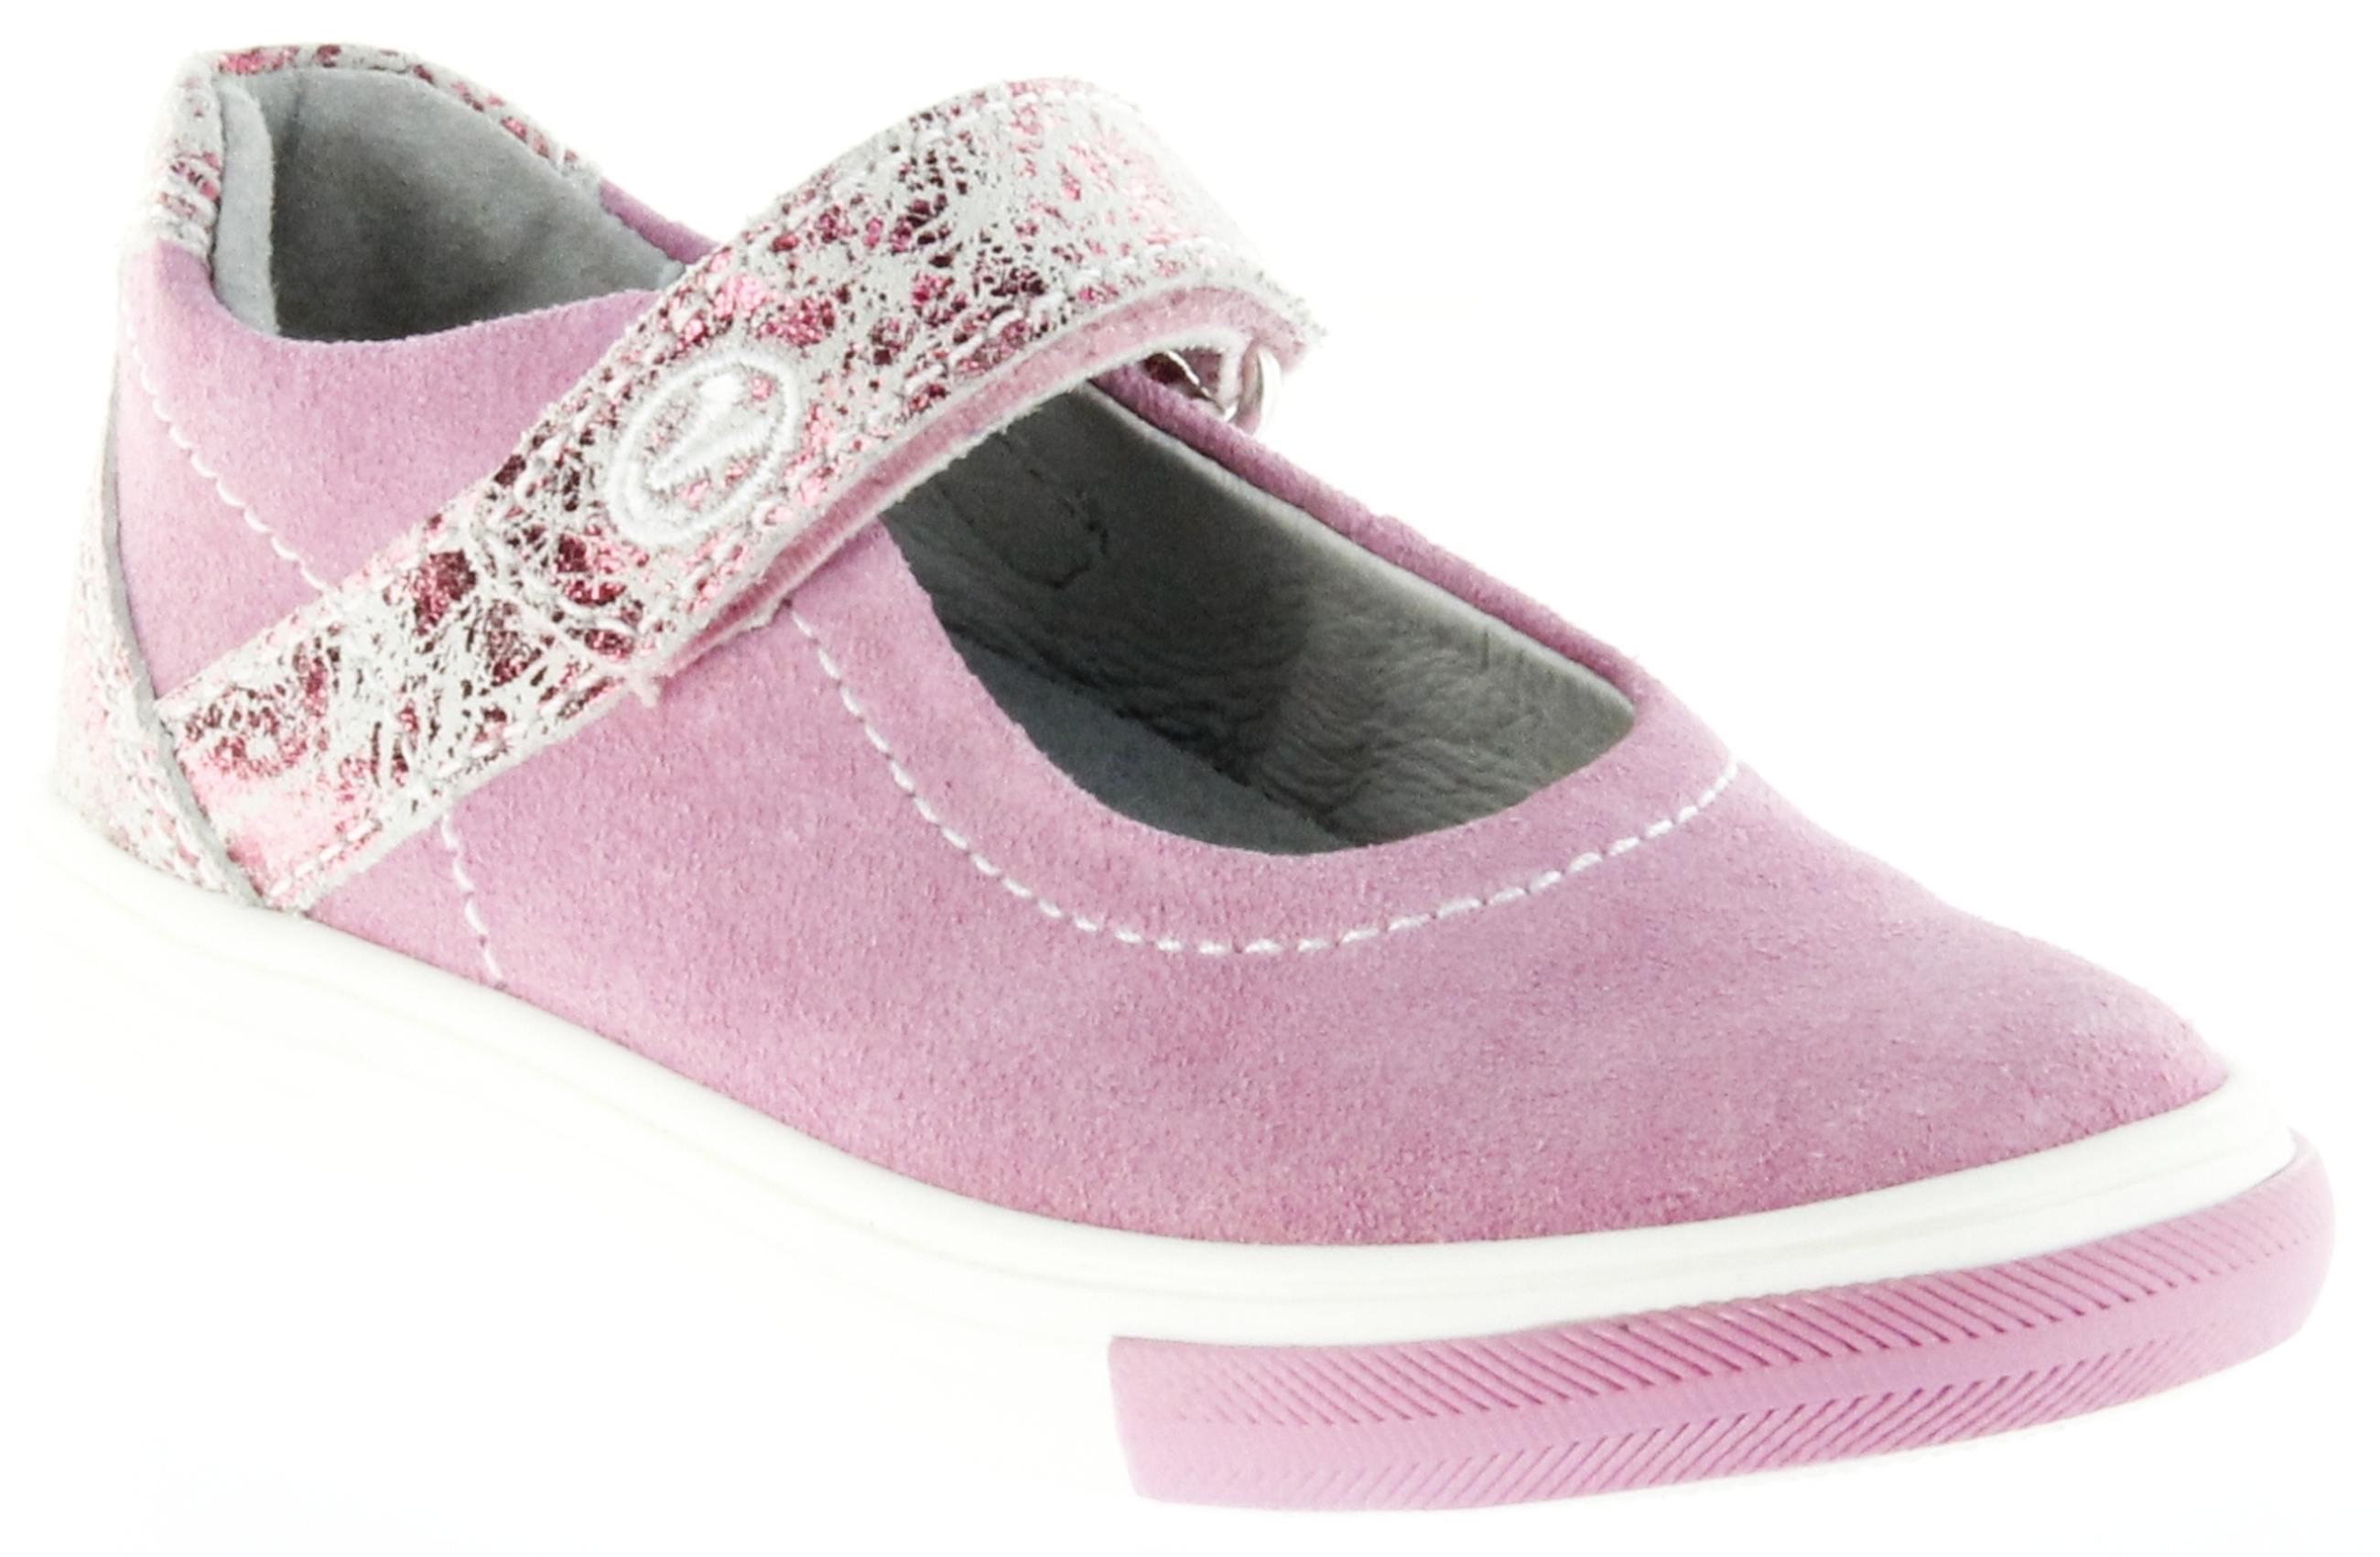 Richter Kinder Ballerinas pink Velour Klett Mädchen Schuhe 3112 142 3110 Fedora